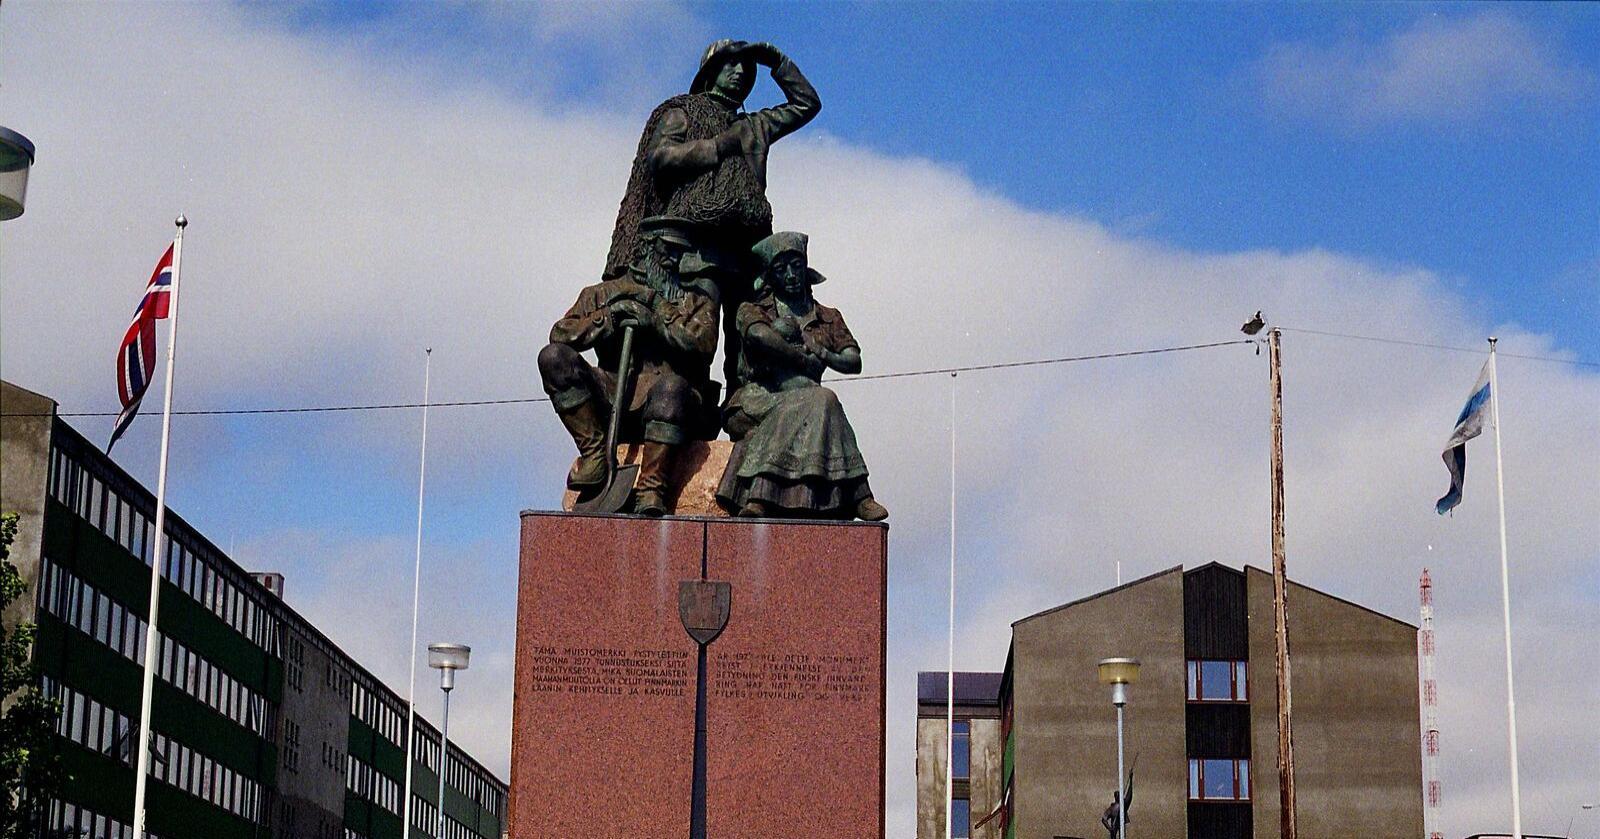 Sentralt i Vadsø står innvandrermonumentet som ble reist i 1977 til minne om den betydelige kvenske innvandringen til Finnmark på 1800-tallet.  Dette har gitt Vadsø tilnavnet kvenenes hovedstad. Under dagens regjering har 570 innbyggere flyttet fra kommunen. Foto: Berit Keilen/NTB scanpix